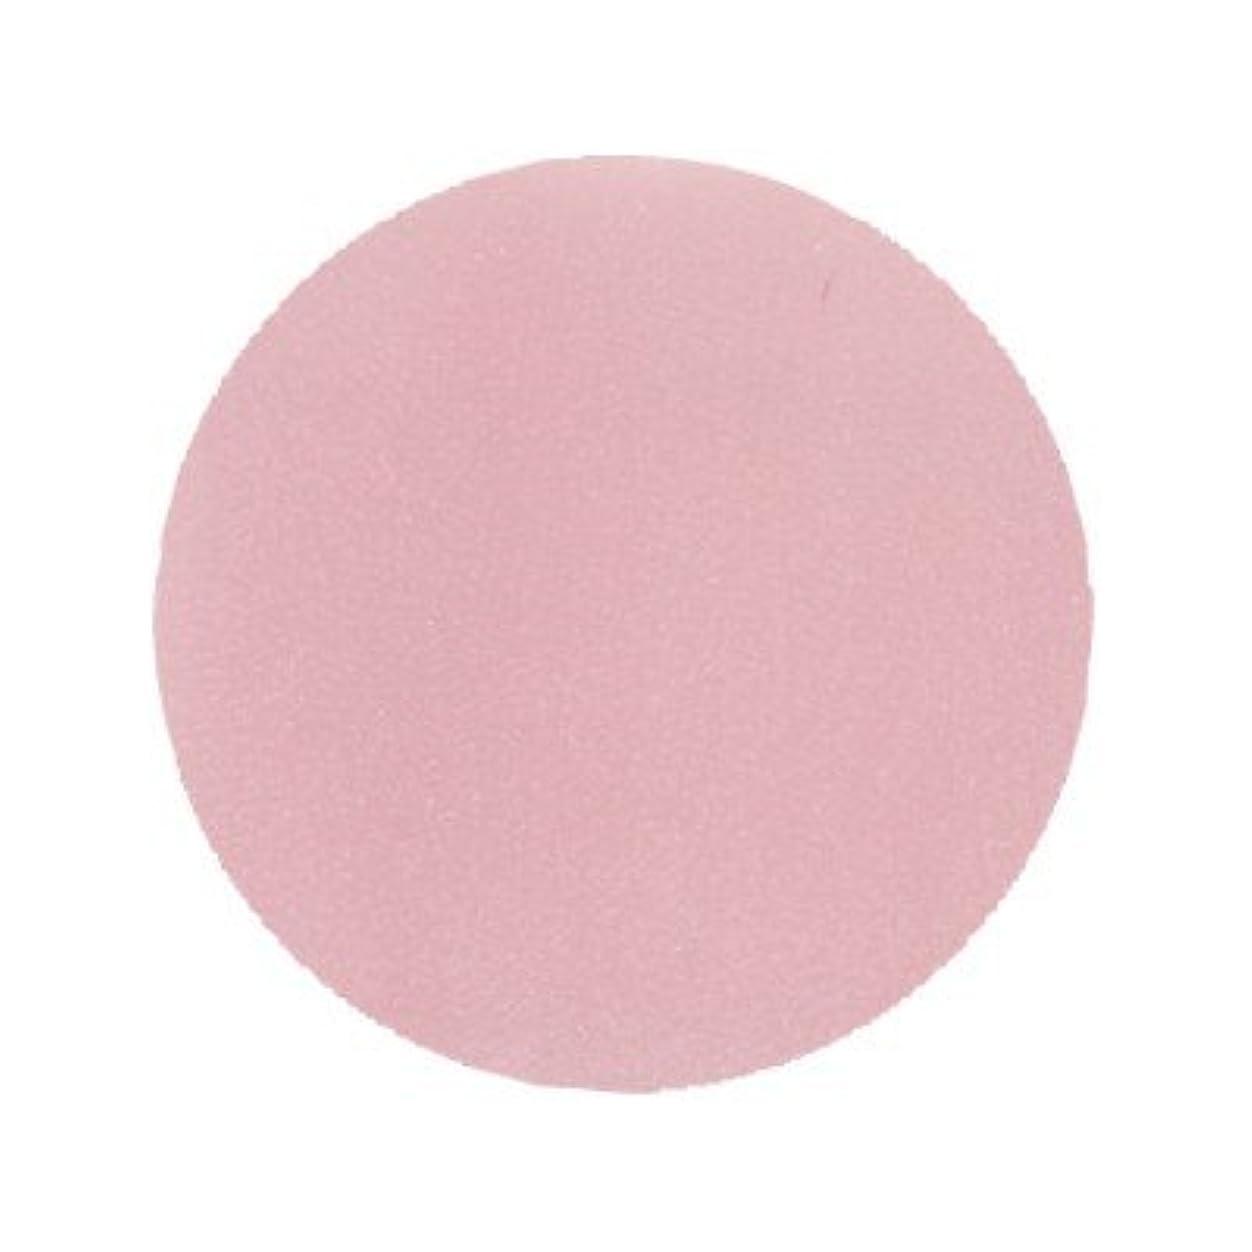 窒素純粋にほこりっぽいノビリティカラー4g ピンクアフェア